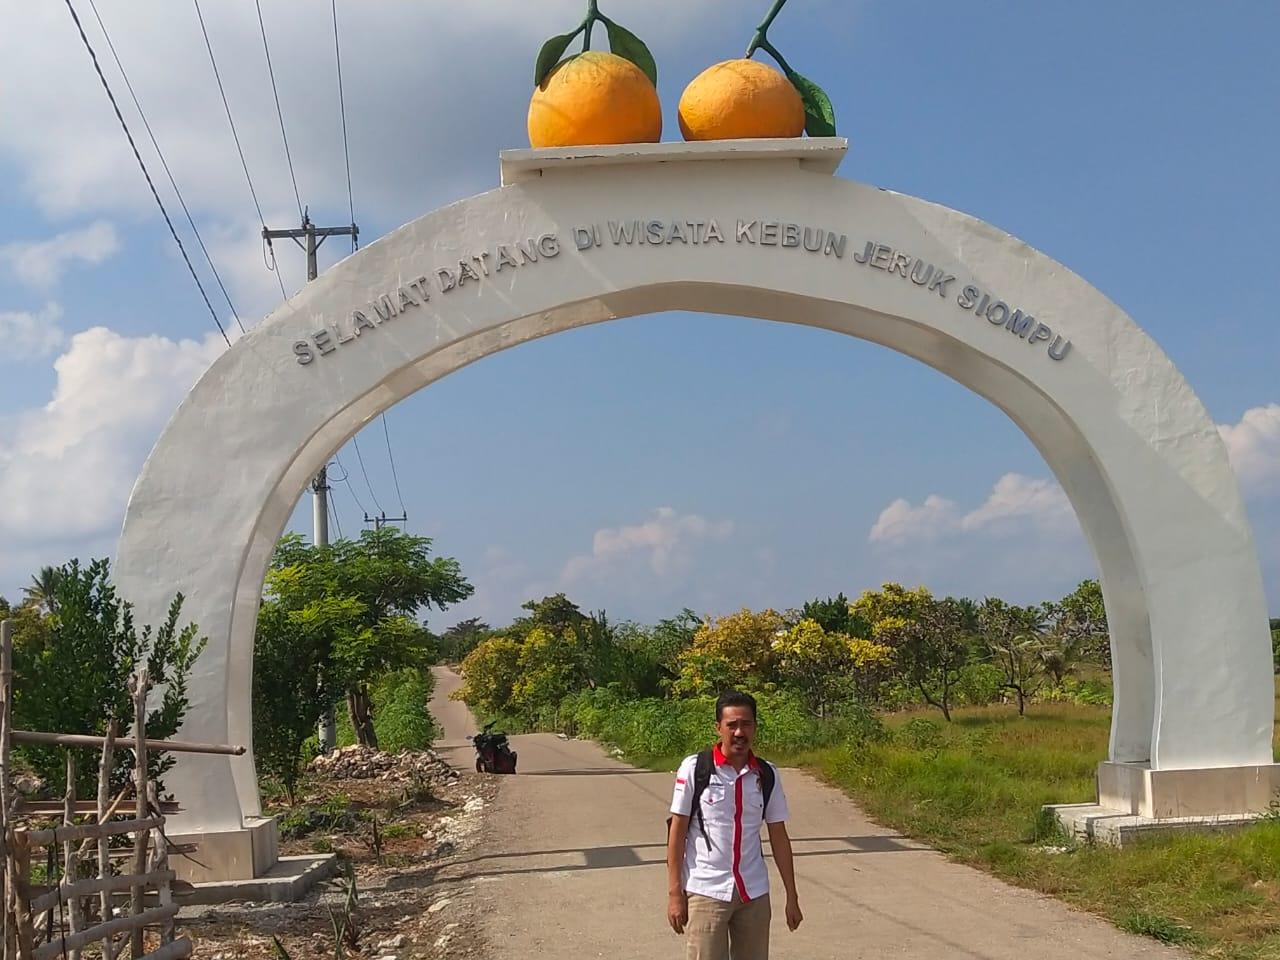 Gerbang Wisata Kebun Jeruk Siompu